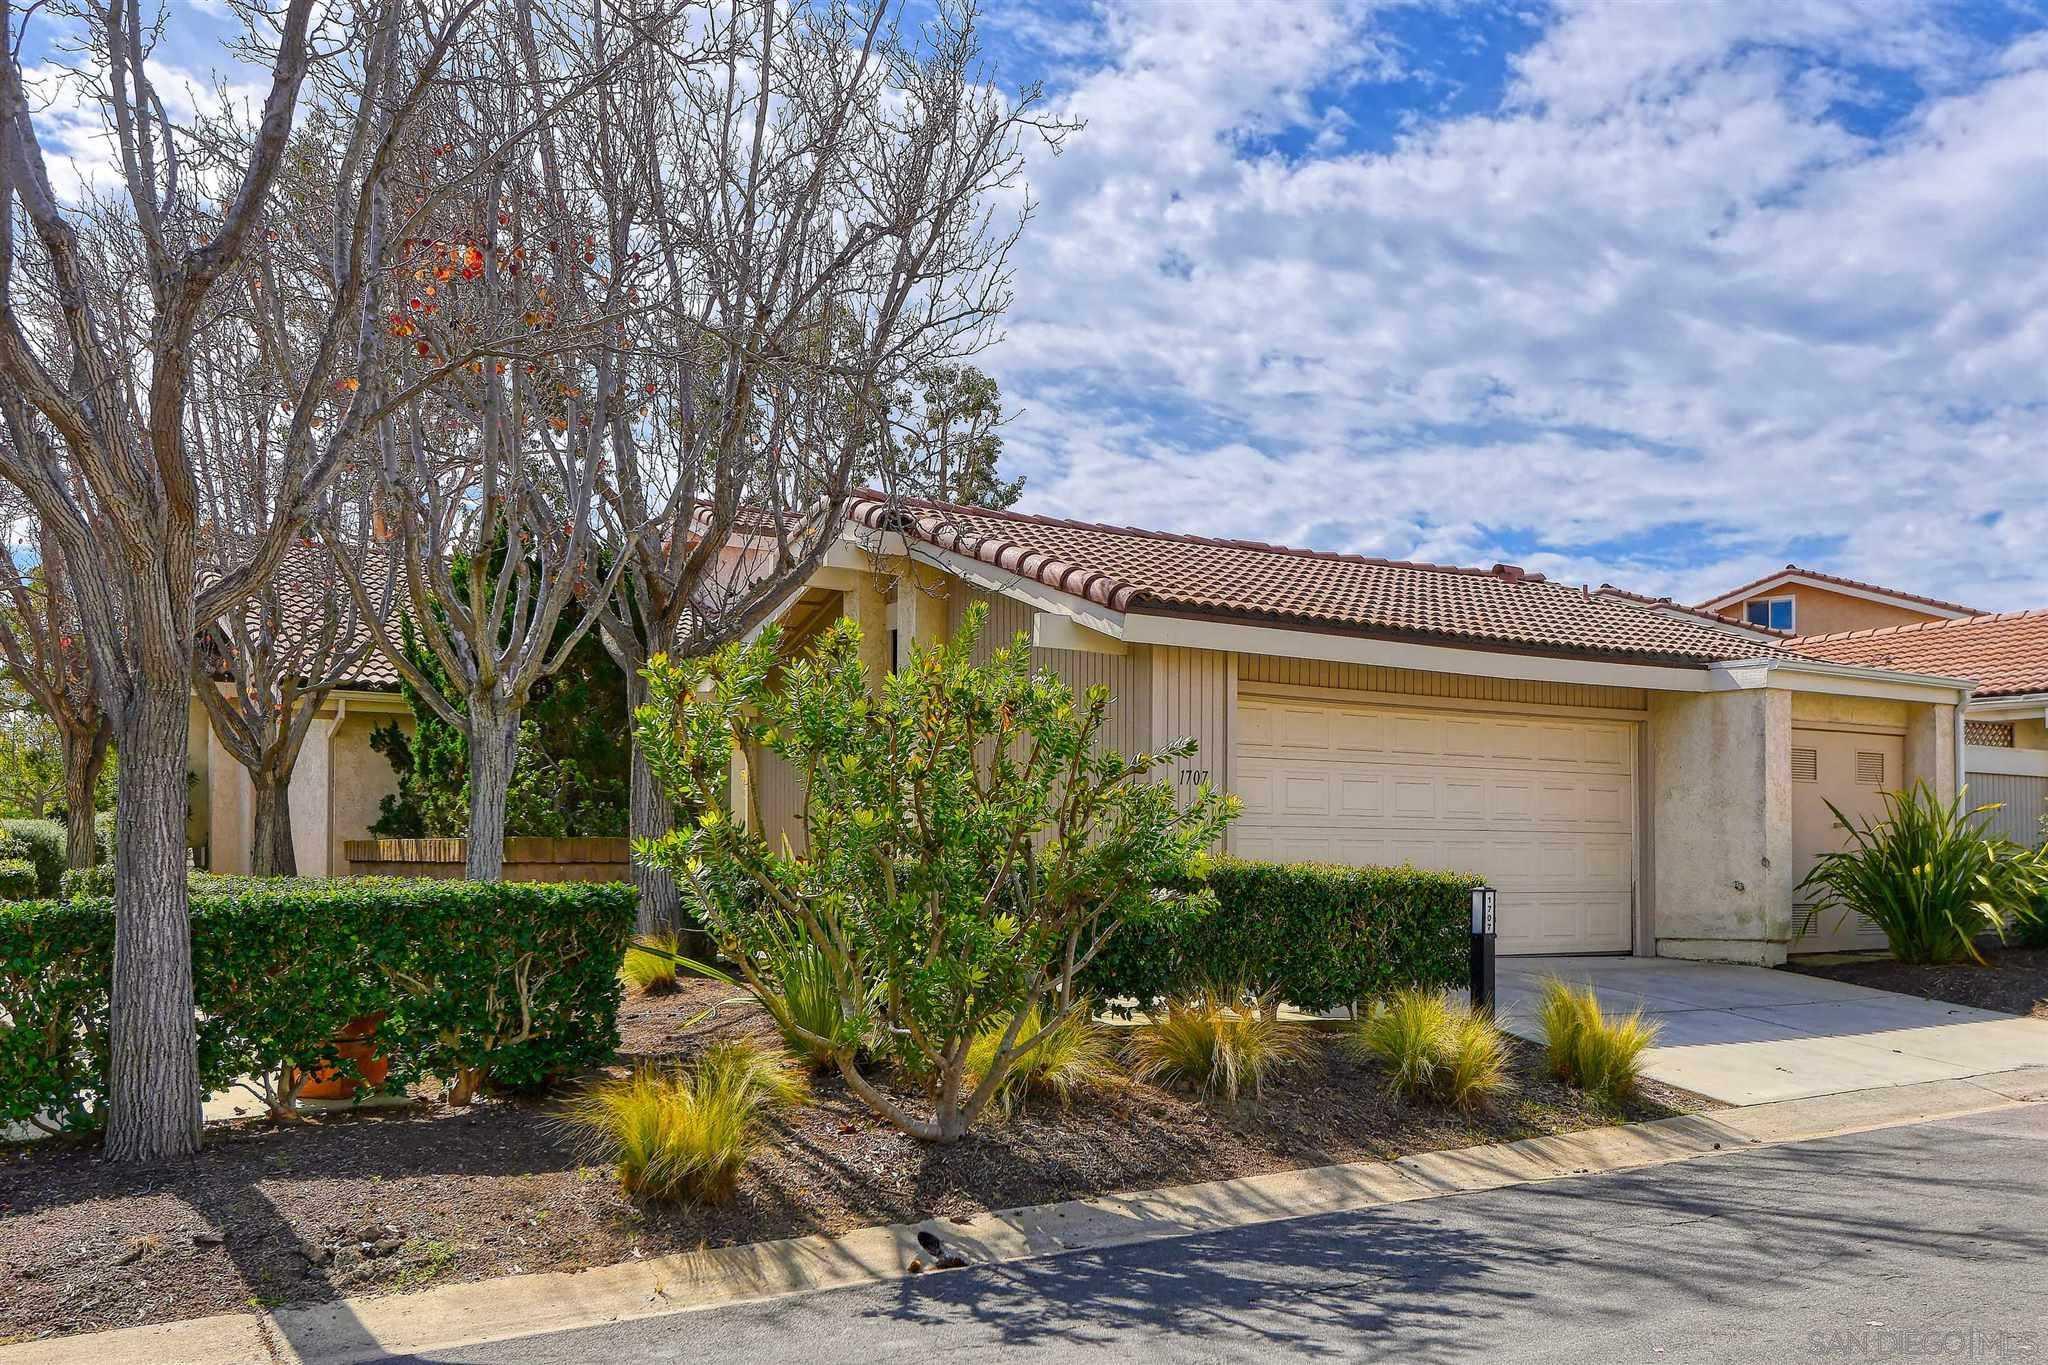 $995,000 - 3Br/2Ba -  for Sale in Alta La Jolla, La Jolla